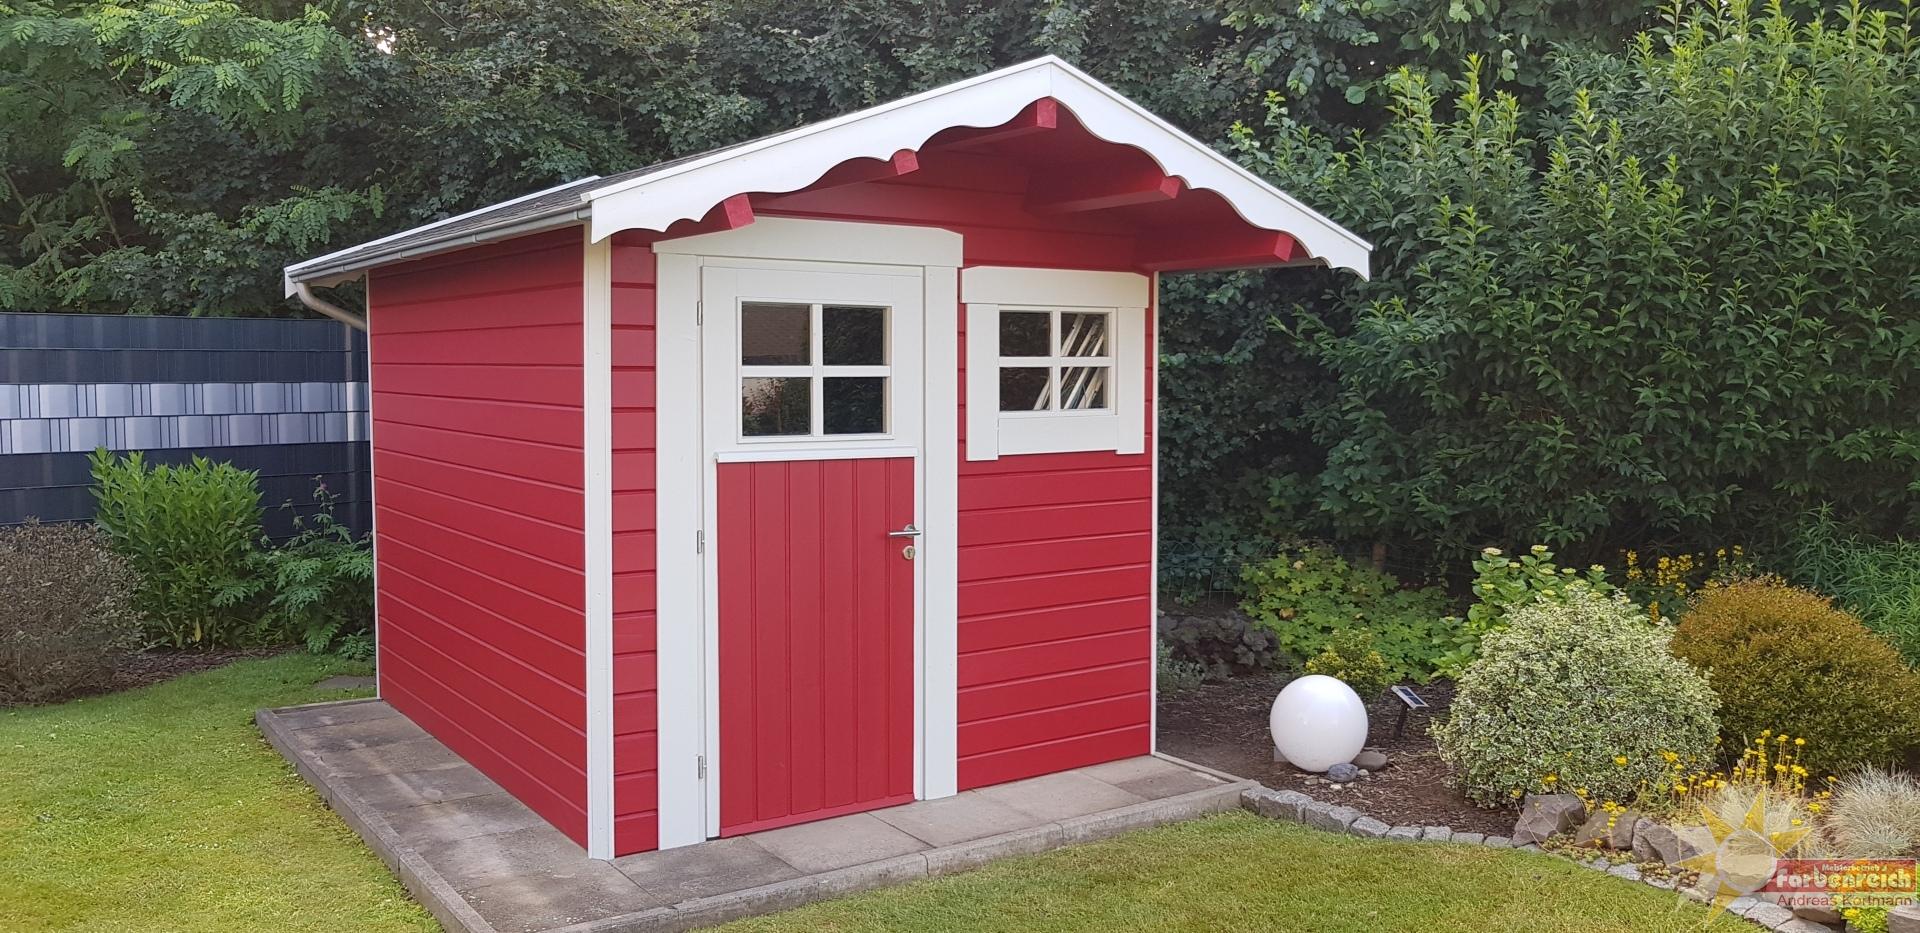 Auch kleine Häuser müssen vor der Witterung geschützt werden und wenn man schon streicht dann darf es auch schick aussehen.